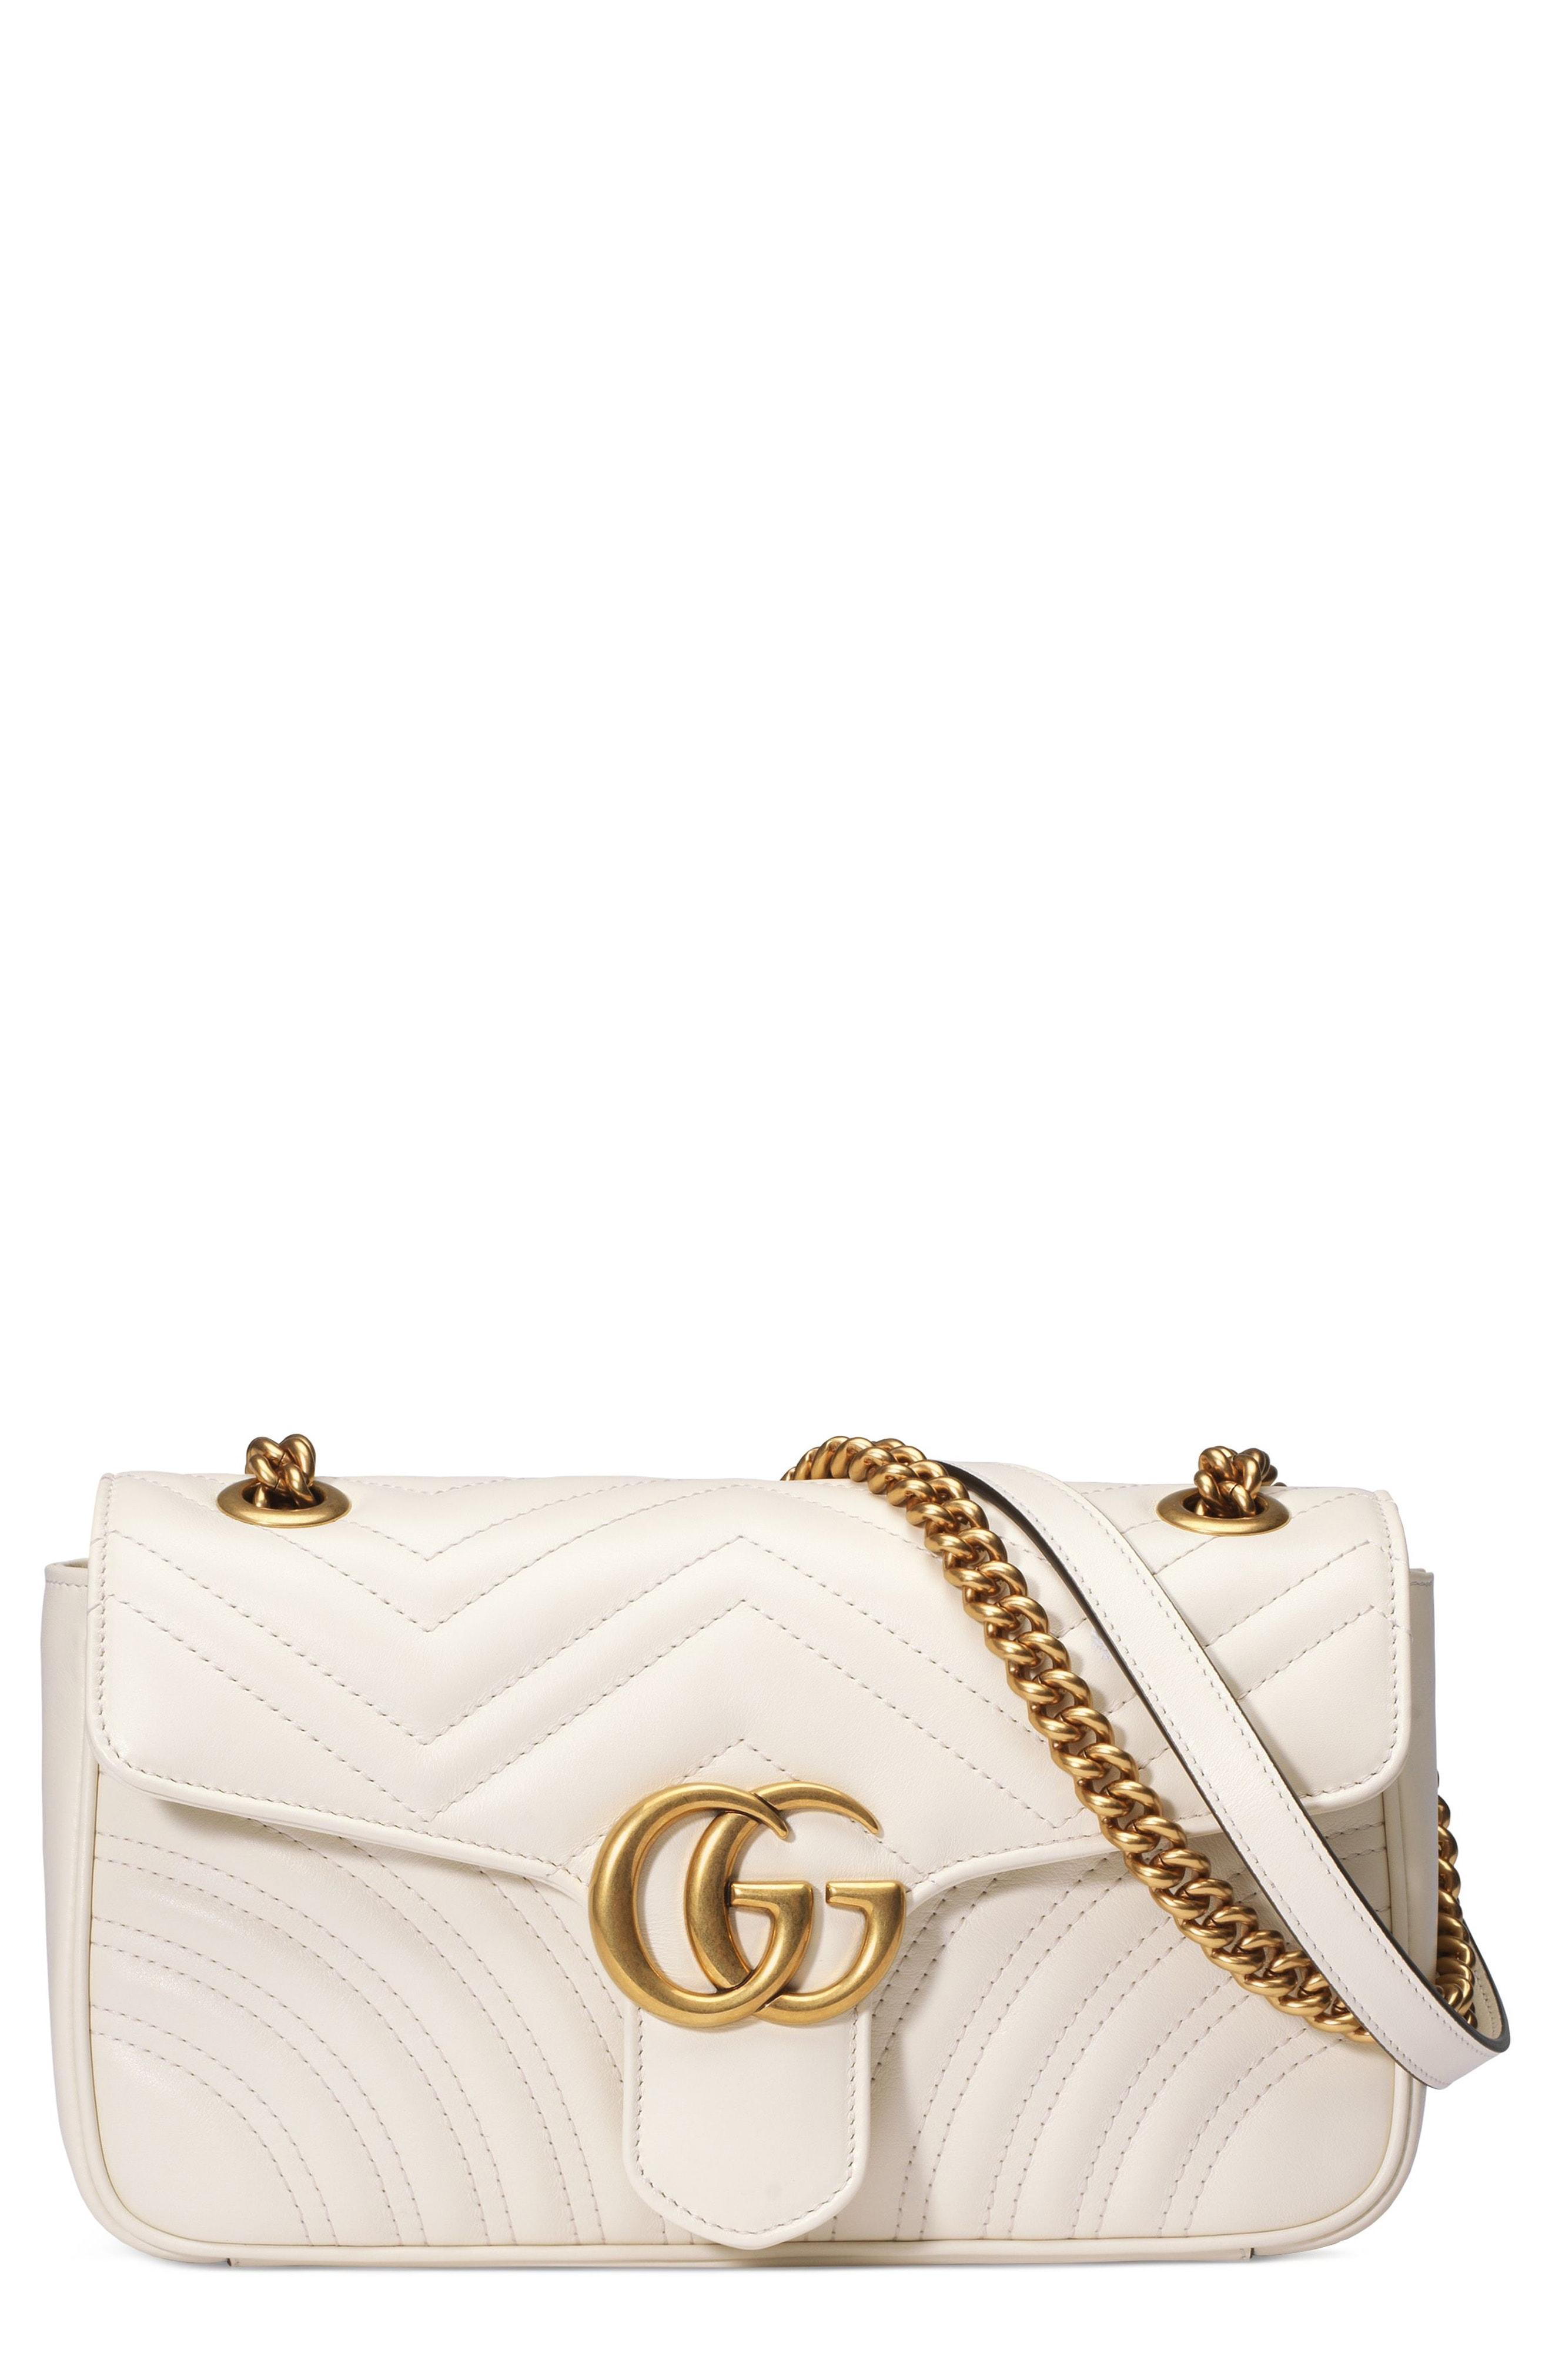 white handbags | Nordstrom